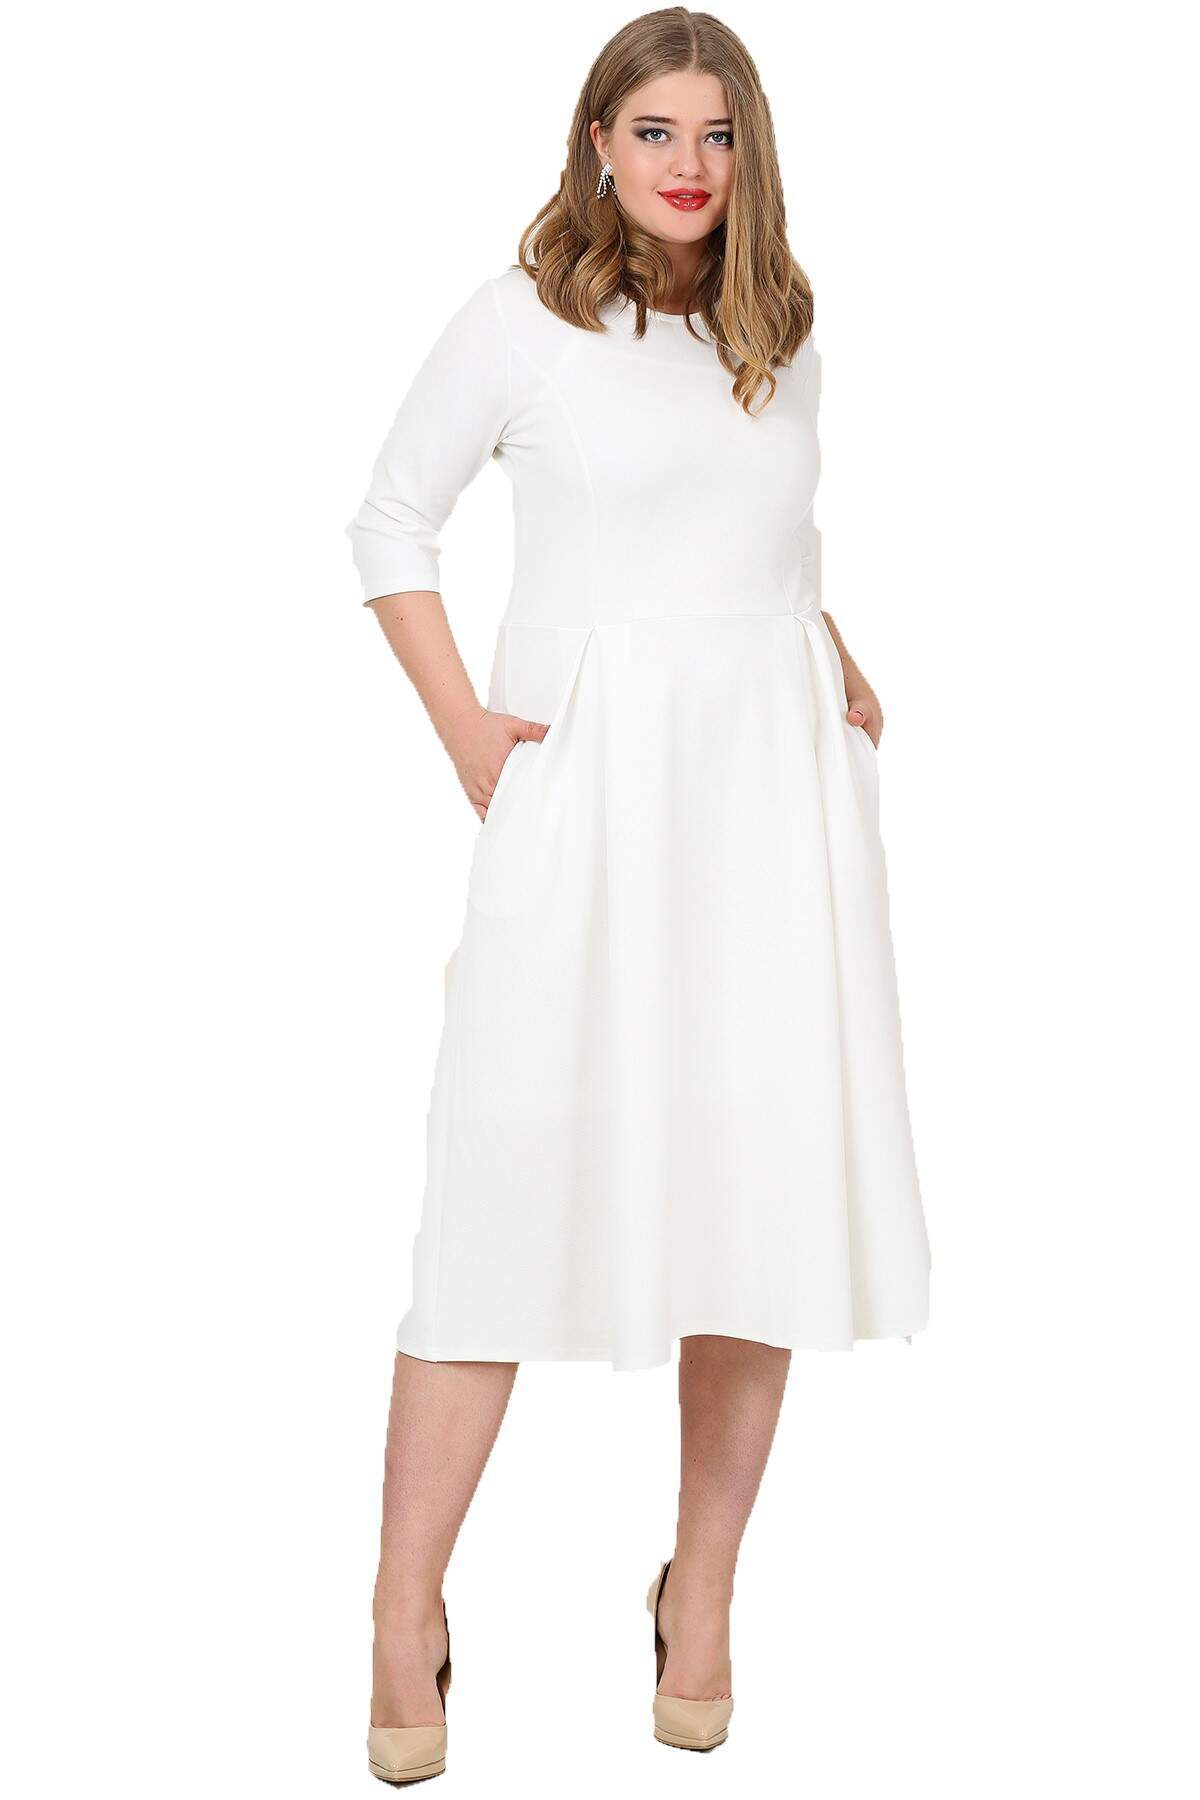 Women's Plus Size White Dress